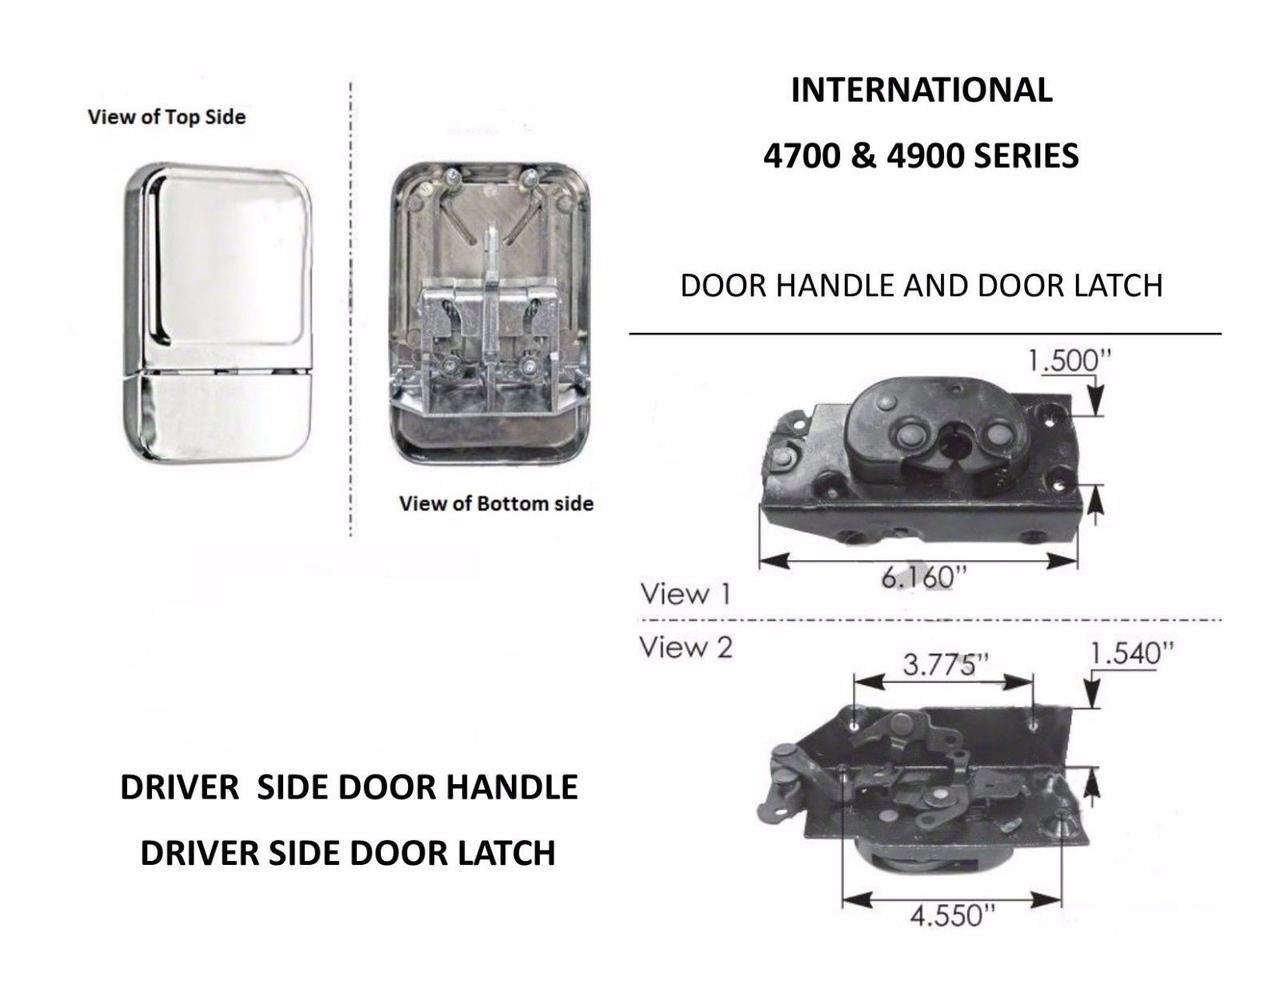 International 4700,4900 Series DRIVER SIDE Door Handle & Door Latch